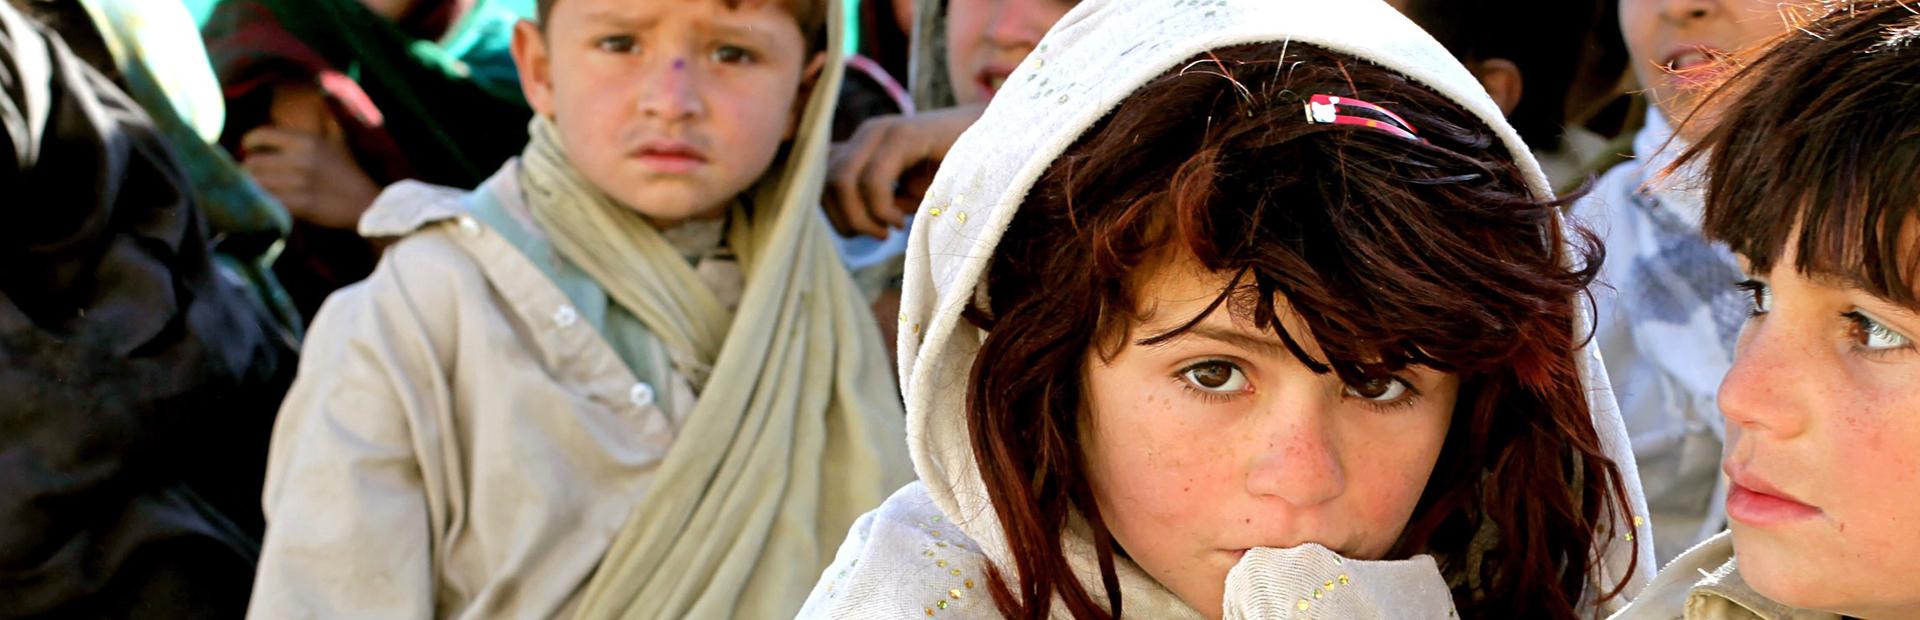 Flüchtlingskinder in einem Erstaufnahmelager